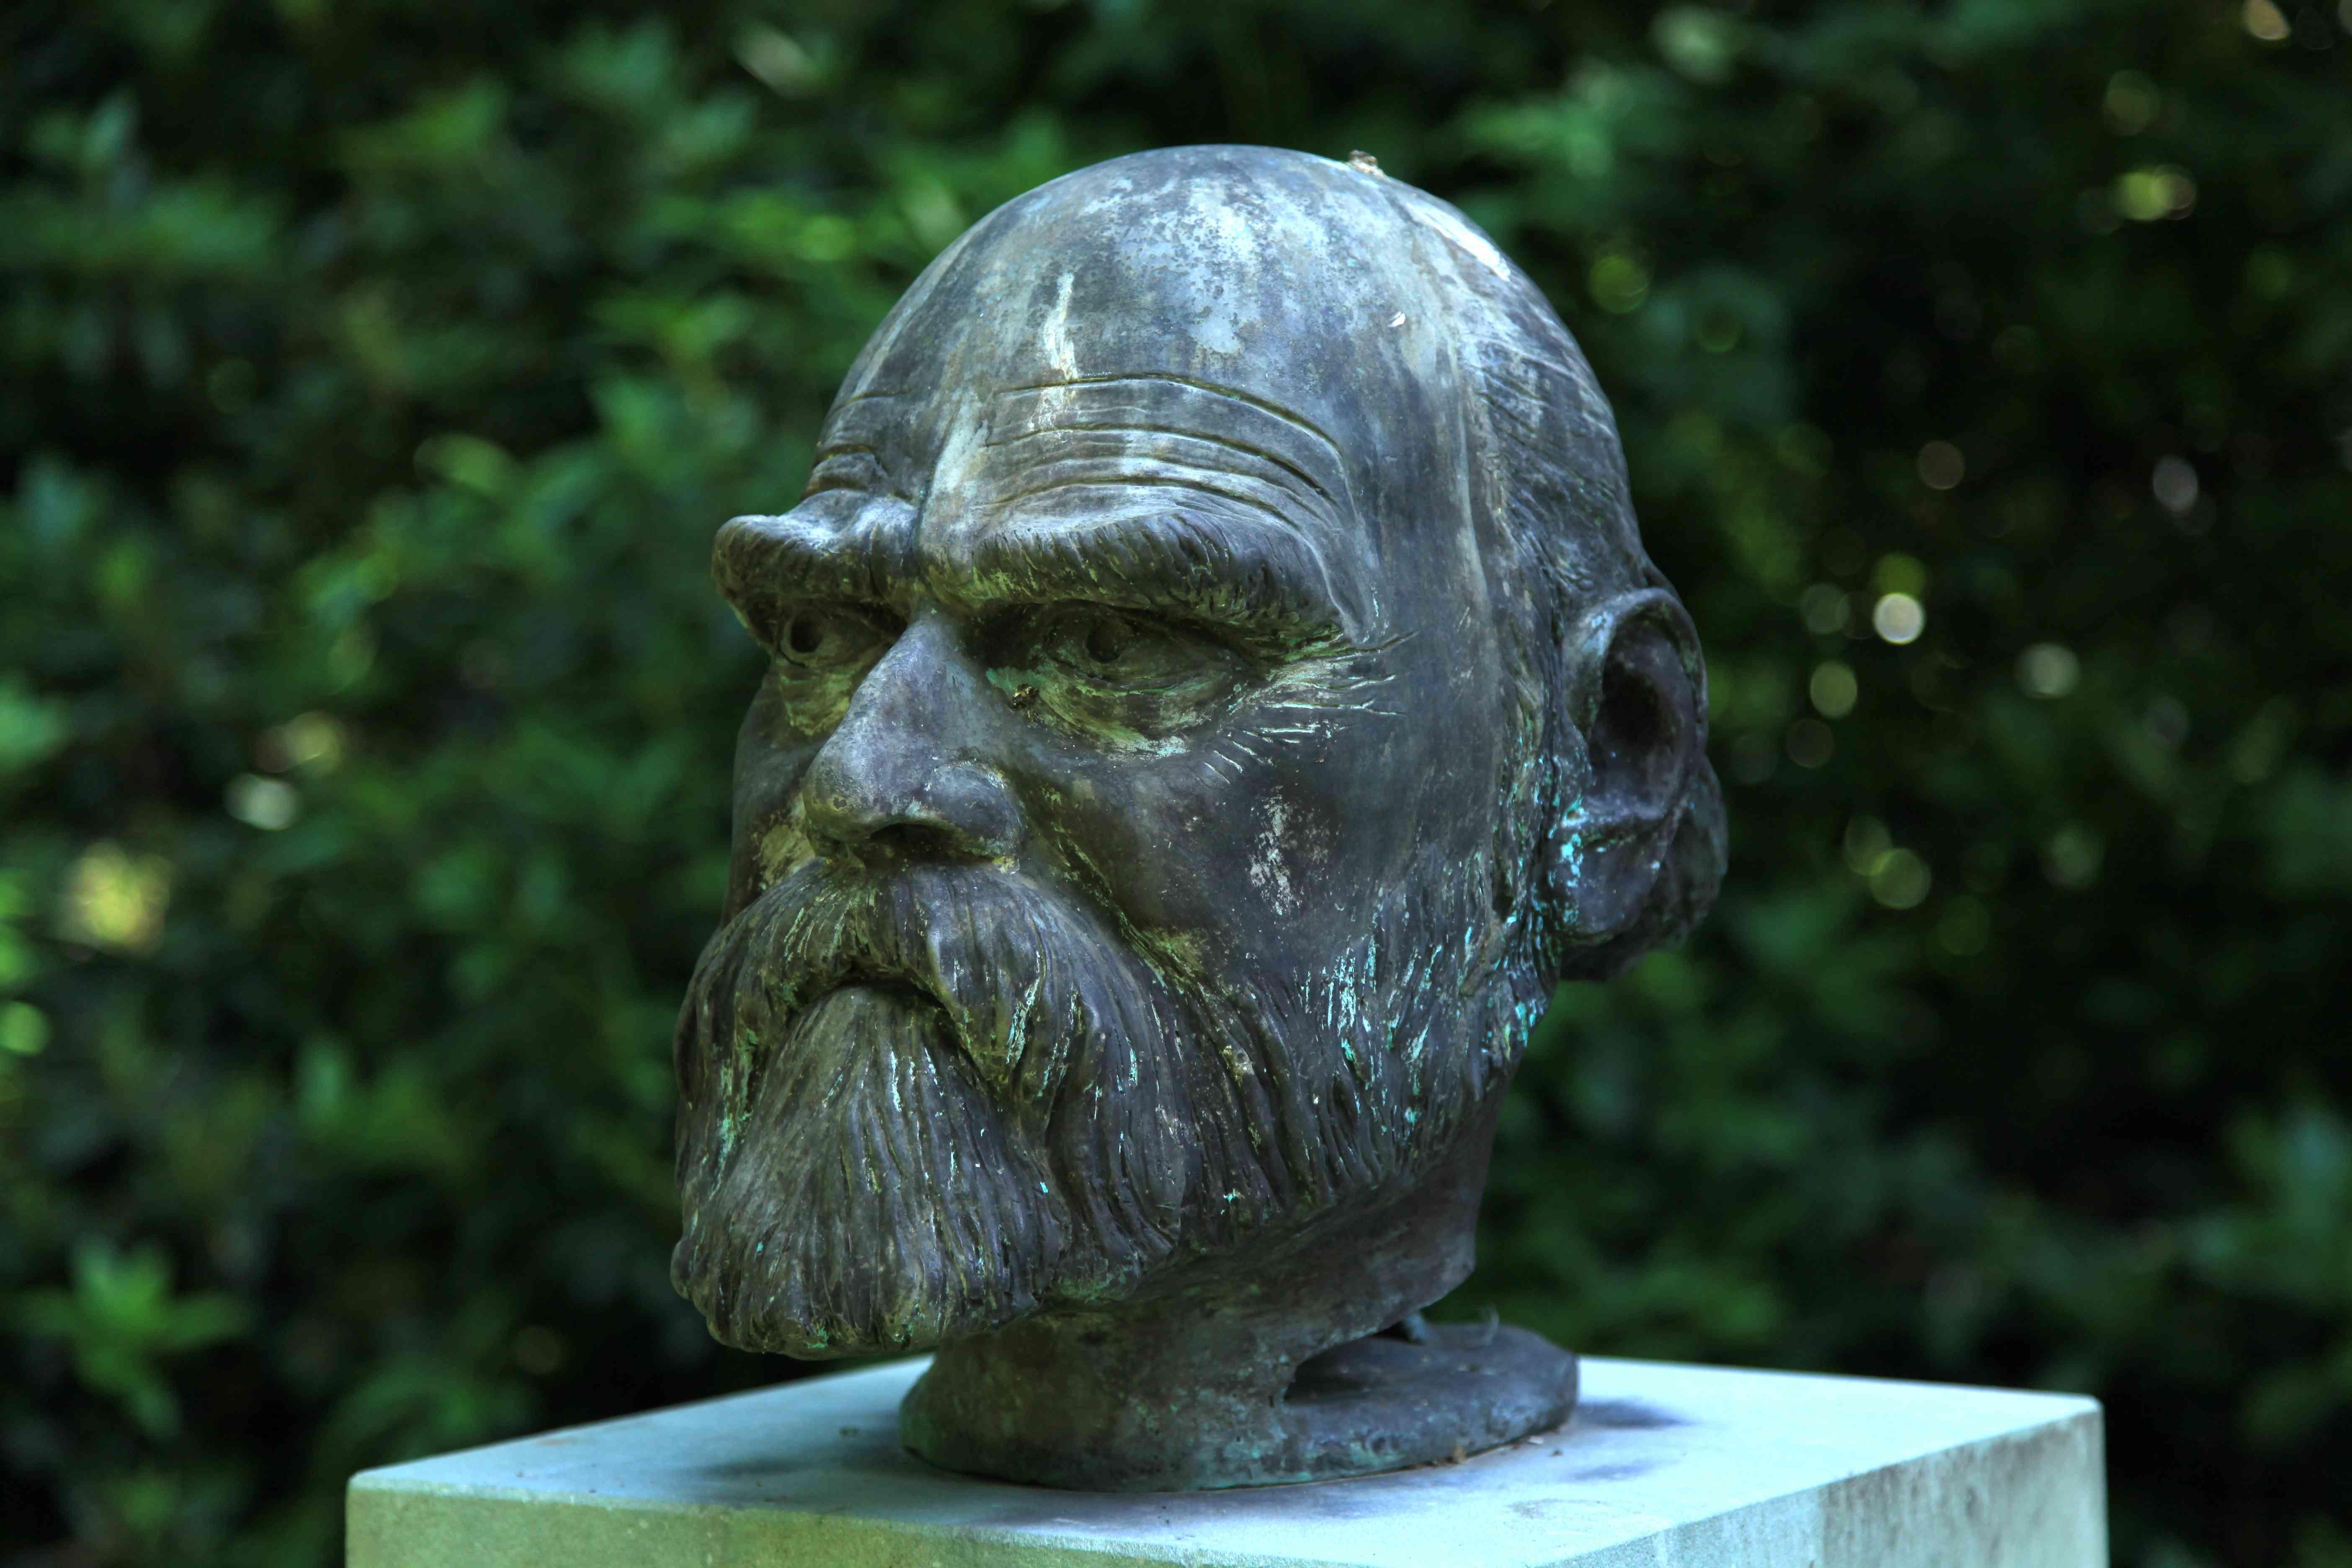 Bust of Ferdinand Tönnies in Schlosspark in Husum